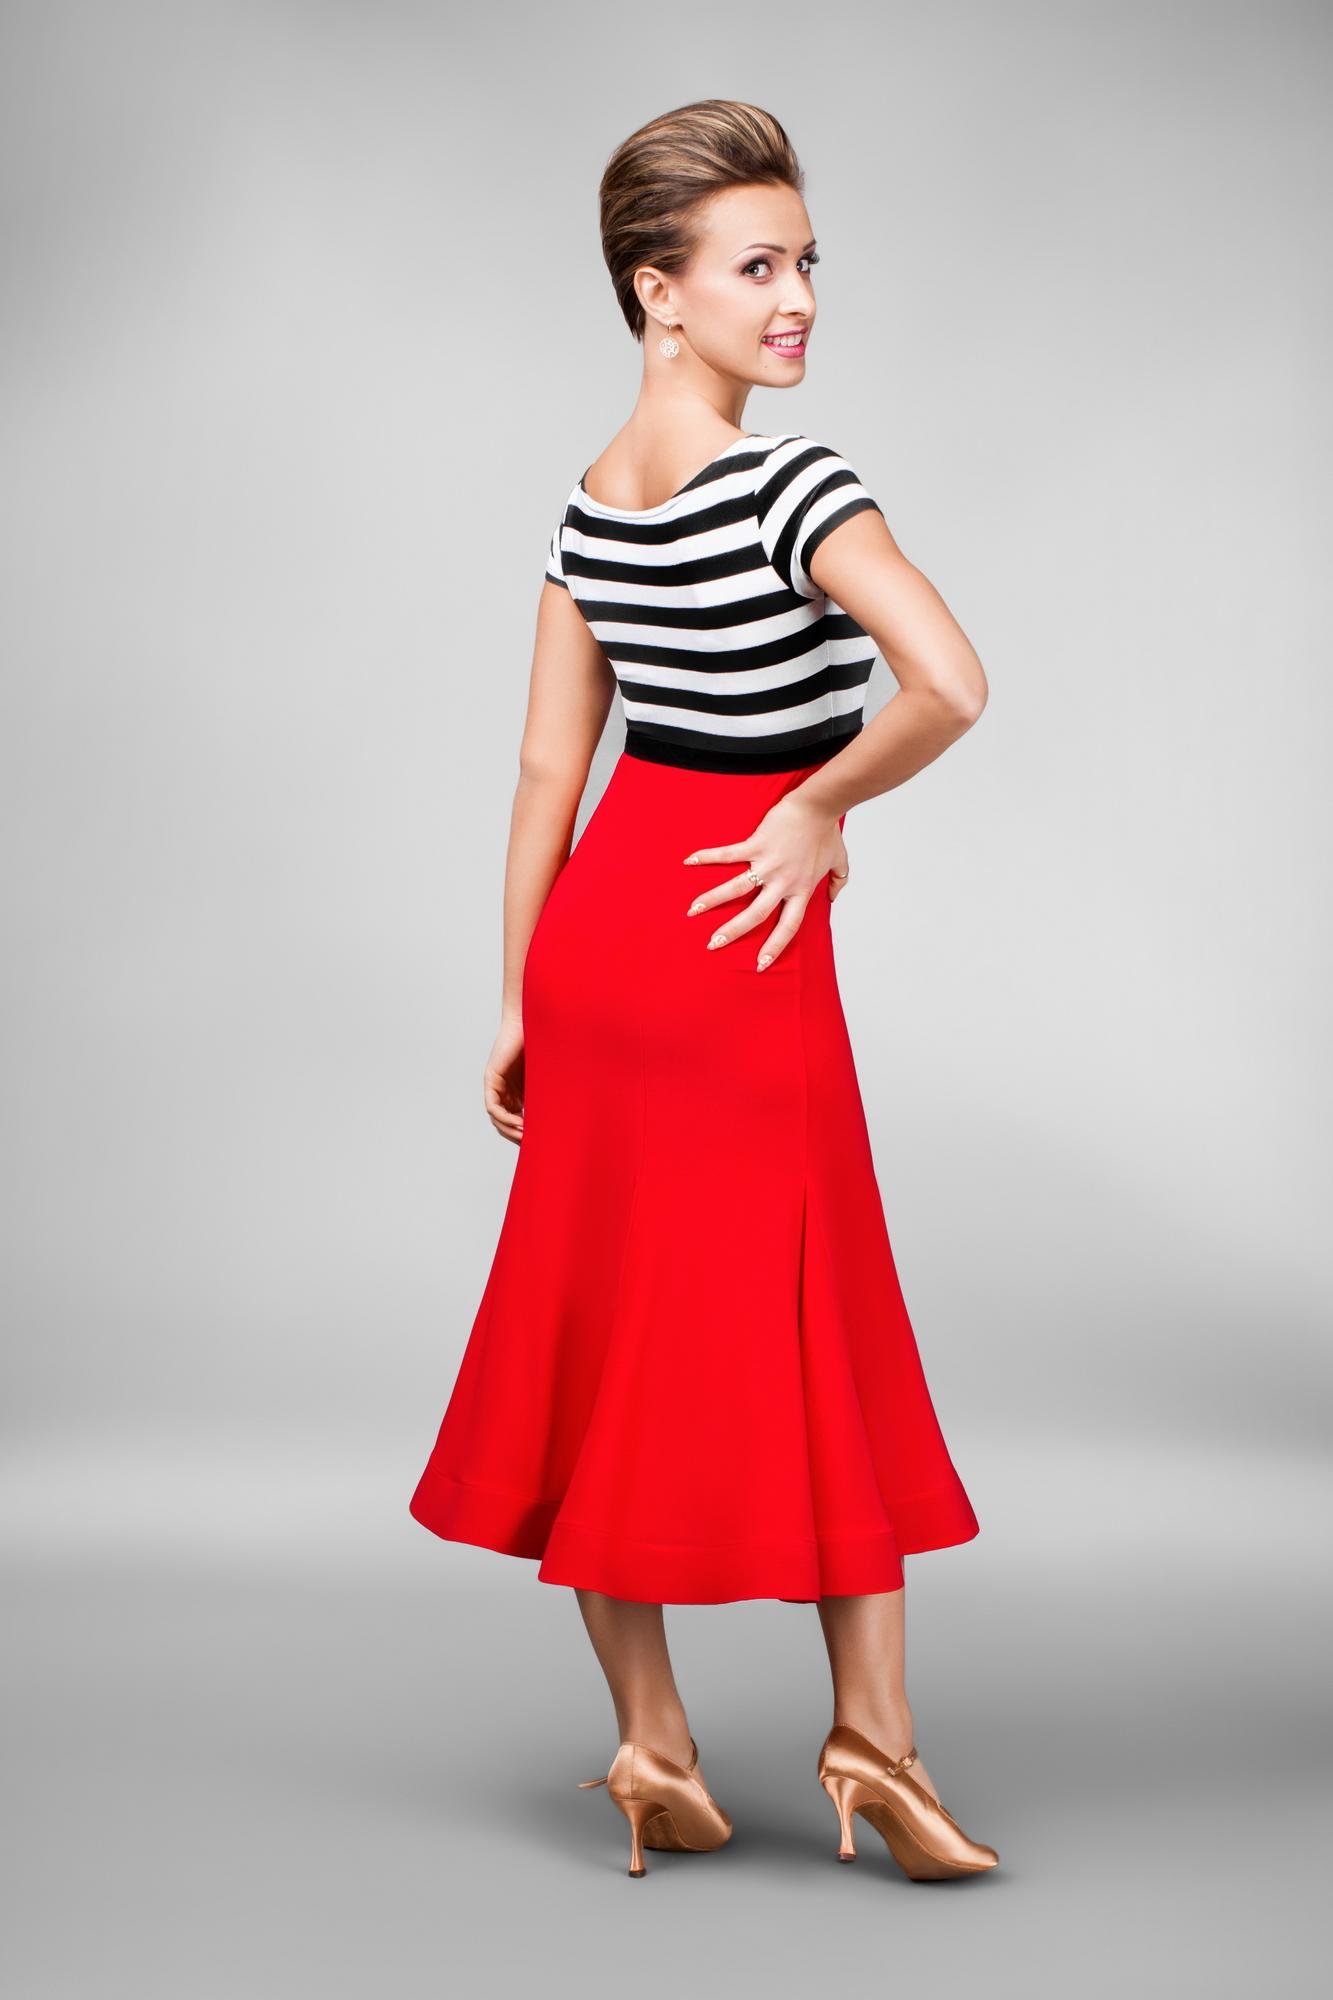 a257a5be0588 Módní trendy tanečních šatů   trend č. 4